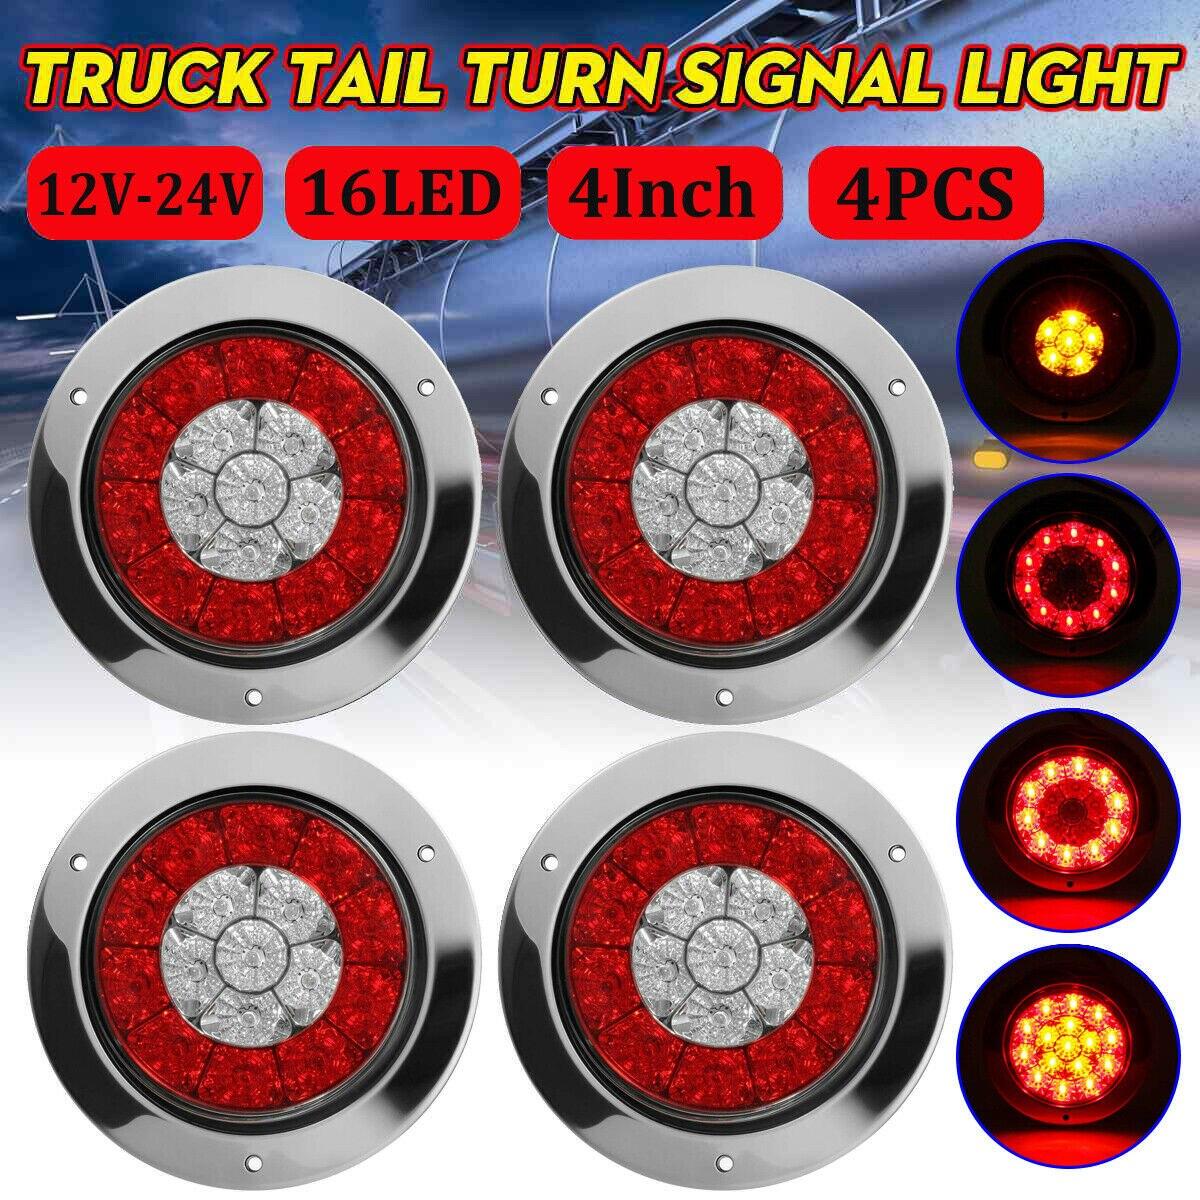 """Luces traseras 12V-24V de alta calidad de 4 """"redondas Rojas/ámbar 16 LED para freno de remolque de camión"""